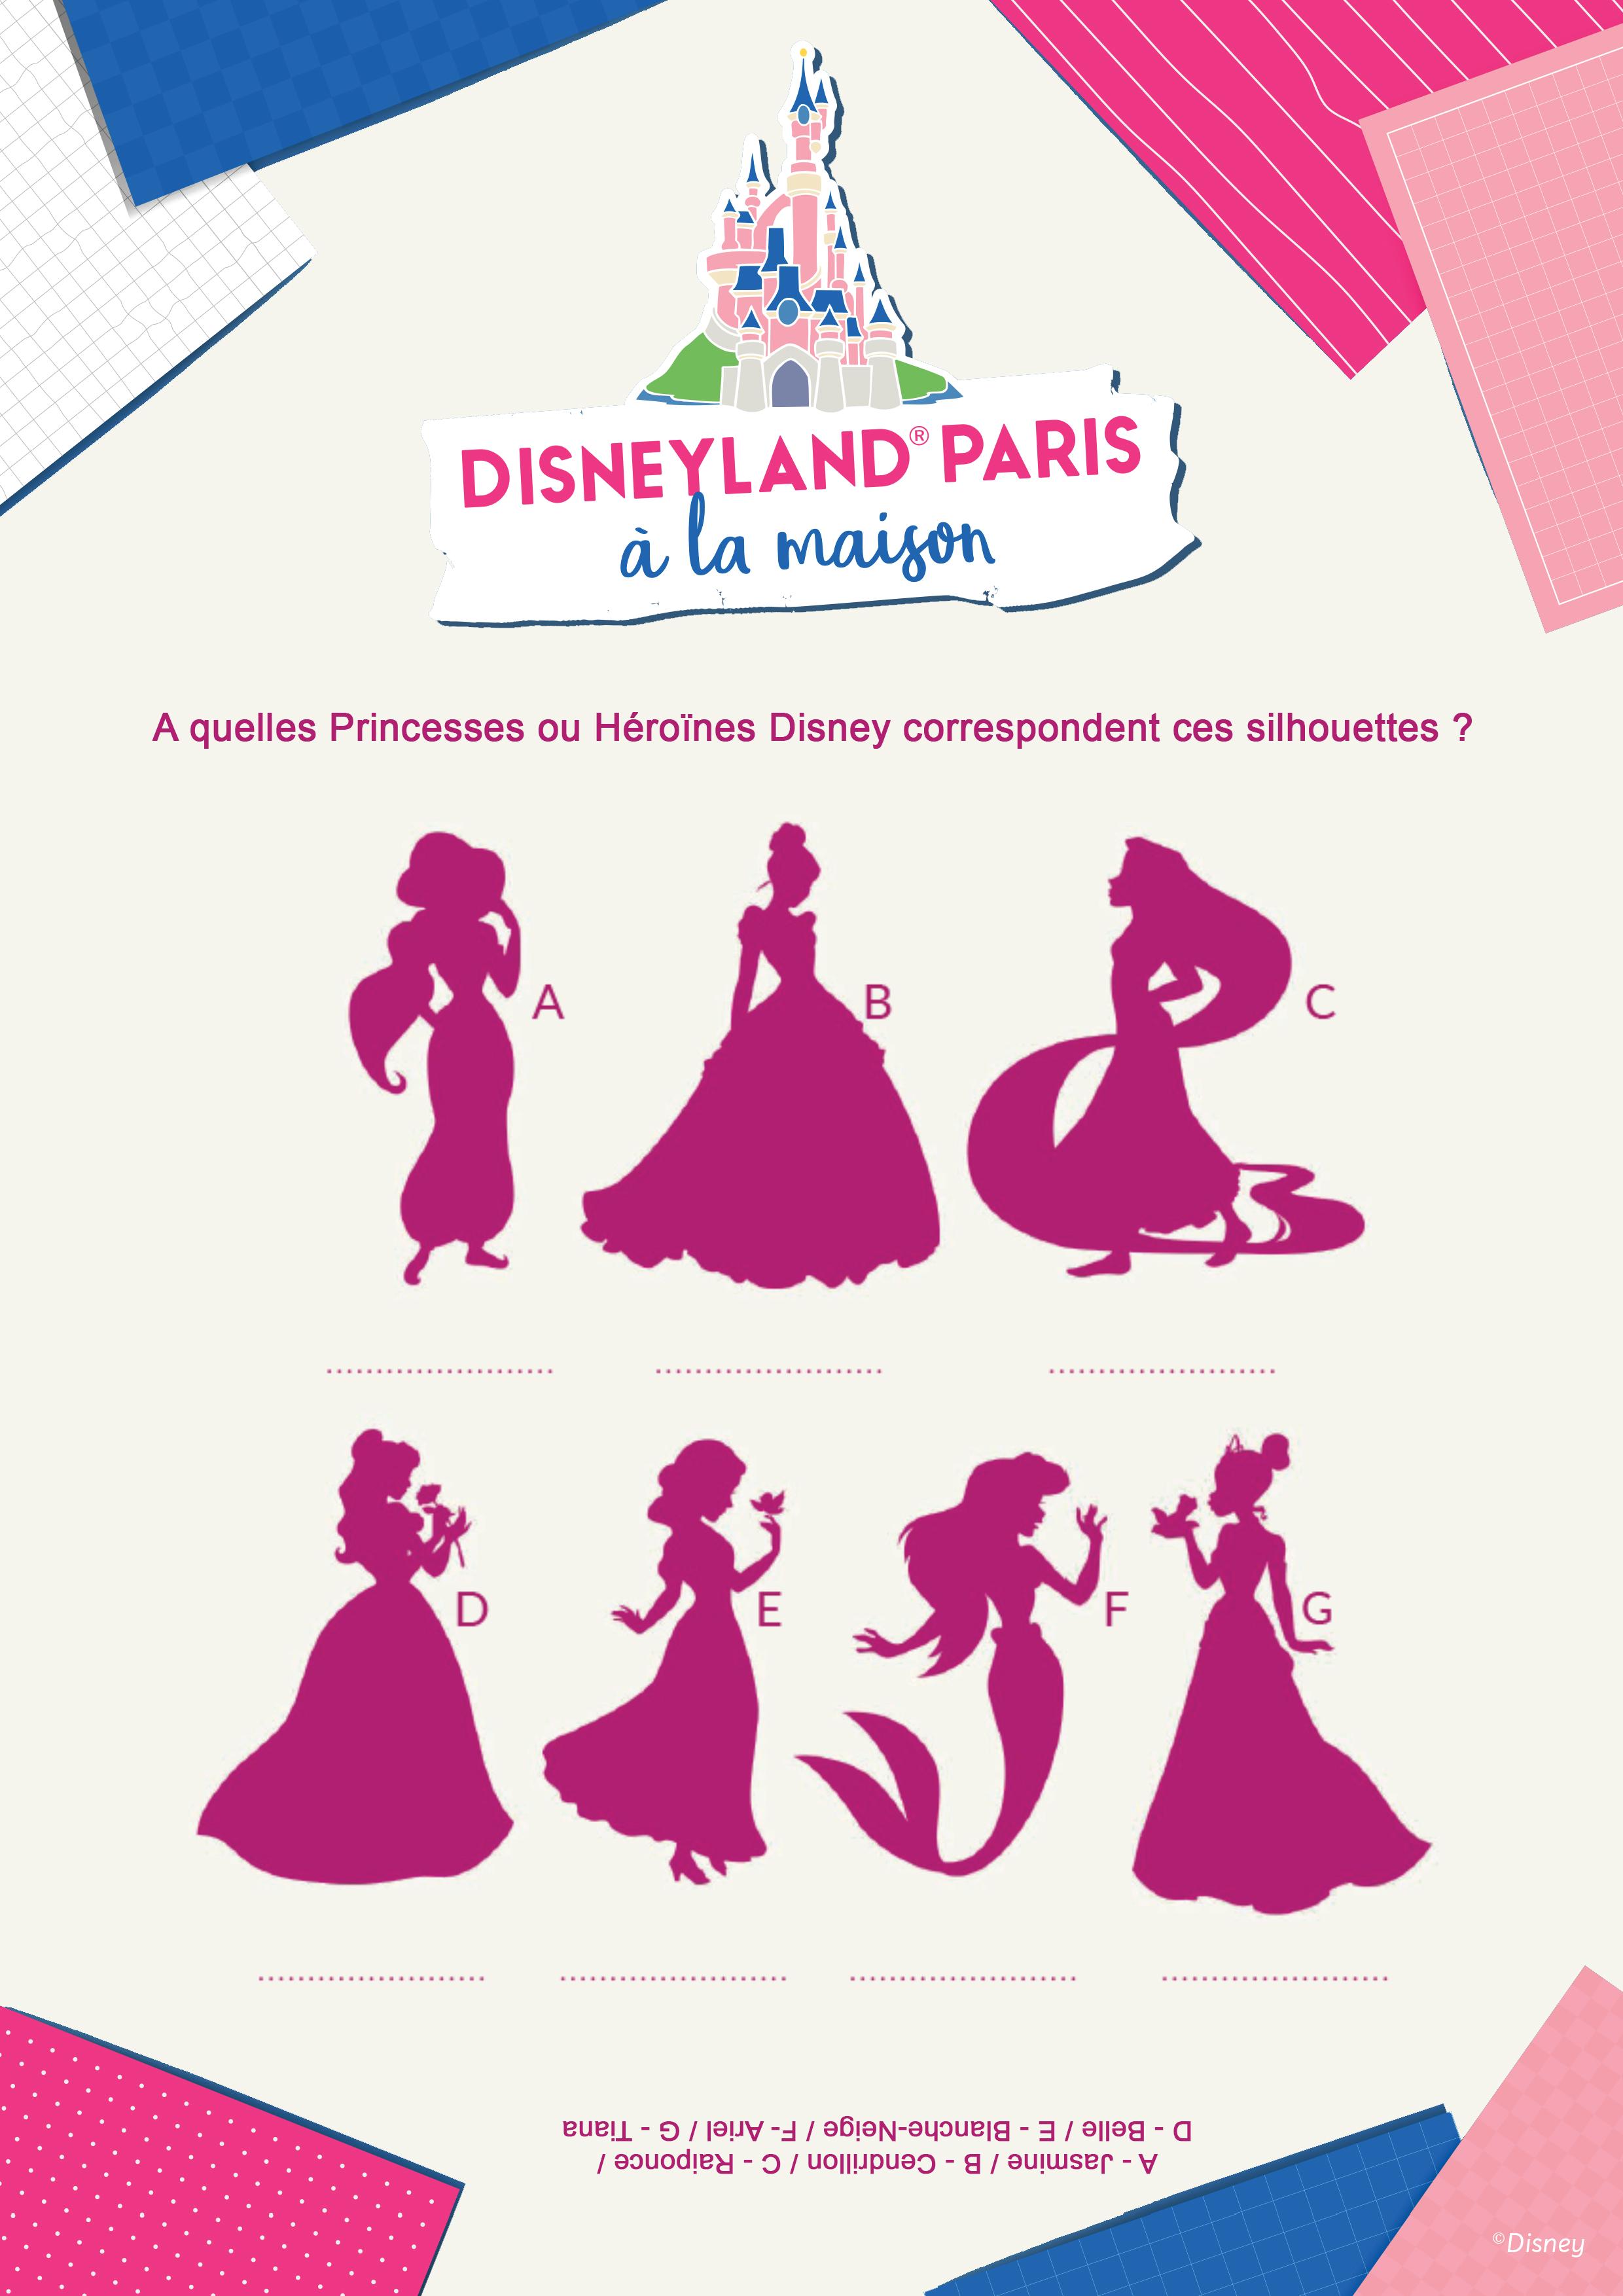 Quelles sont les princesses derrière ces silhouettes ?